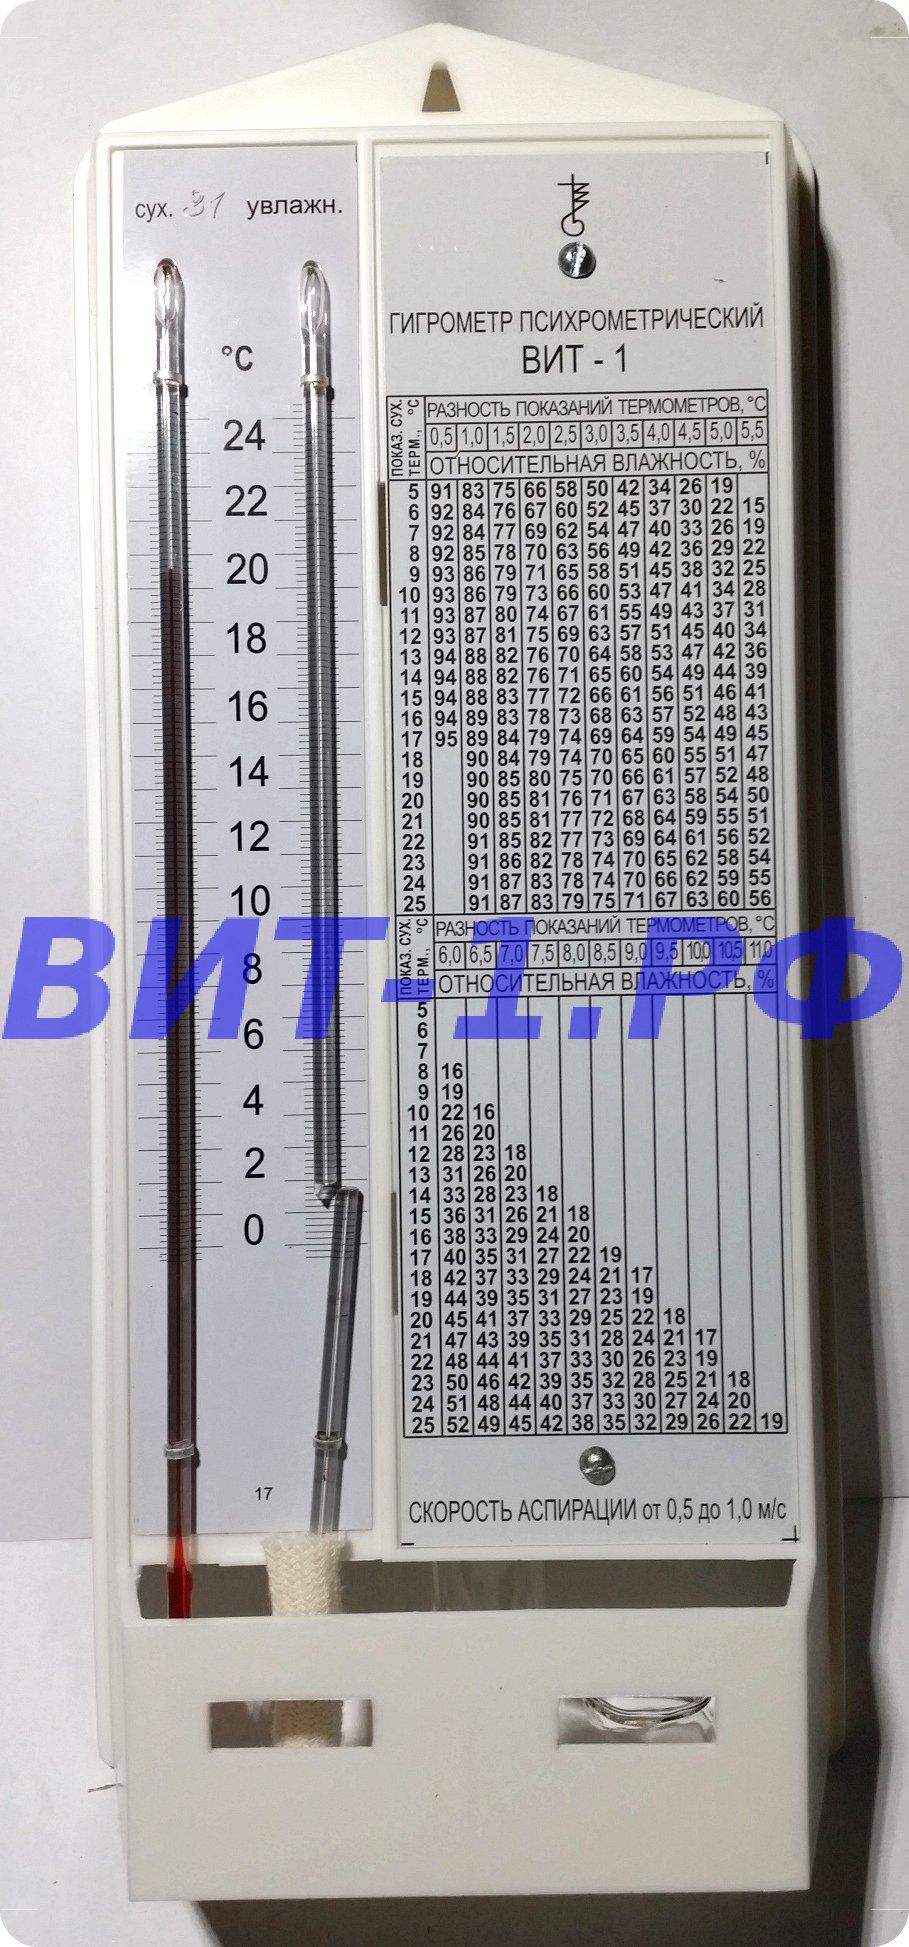 гигрометр психрометрический вит 1